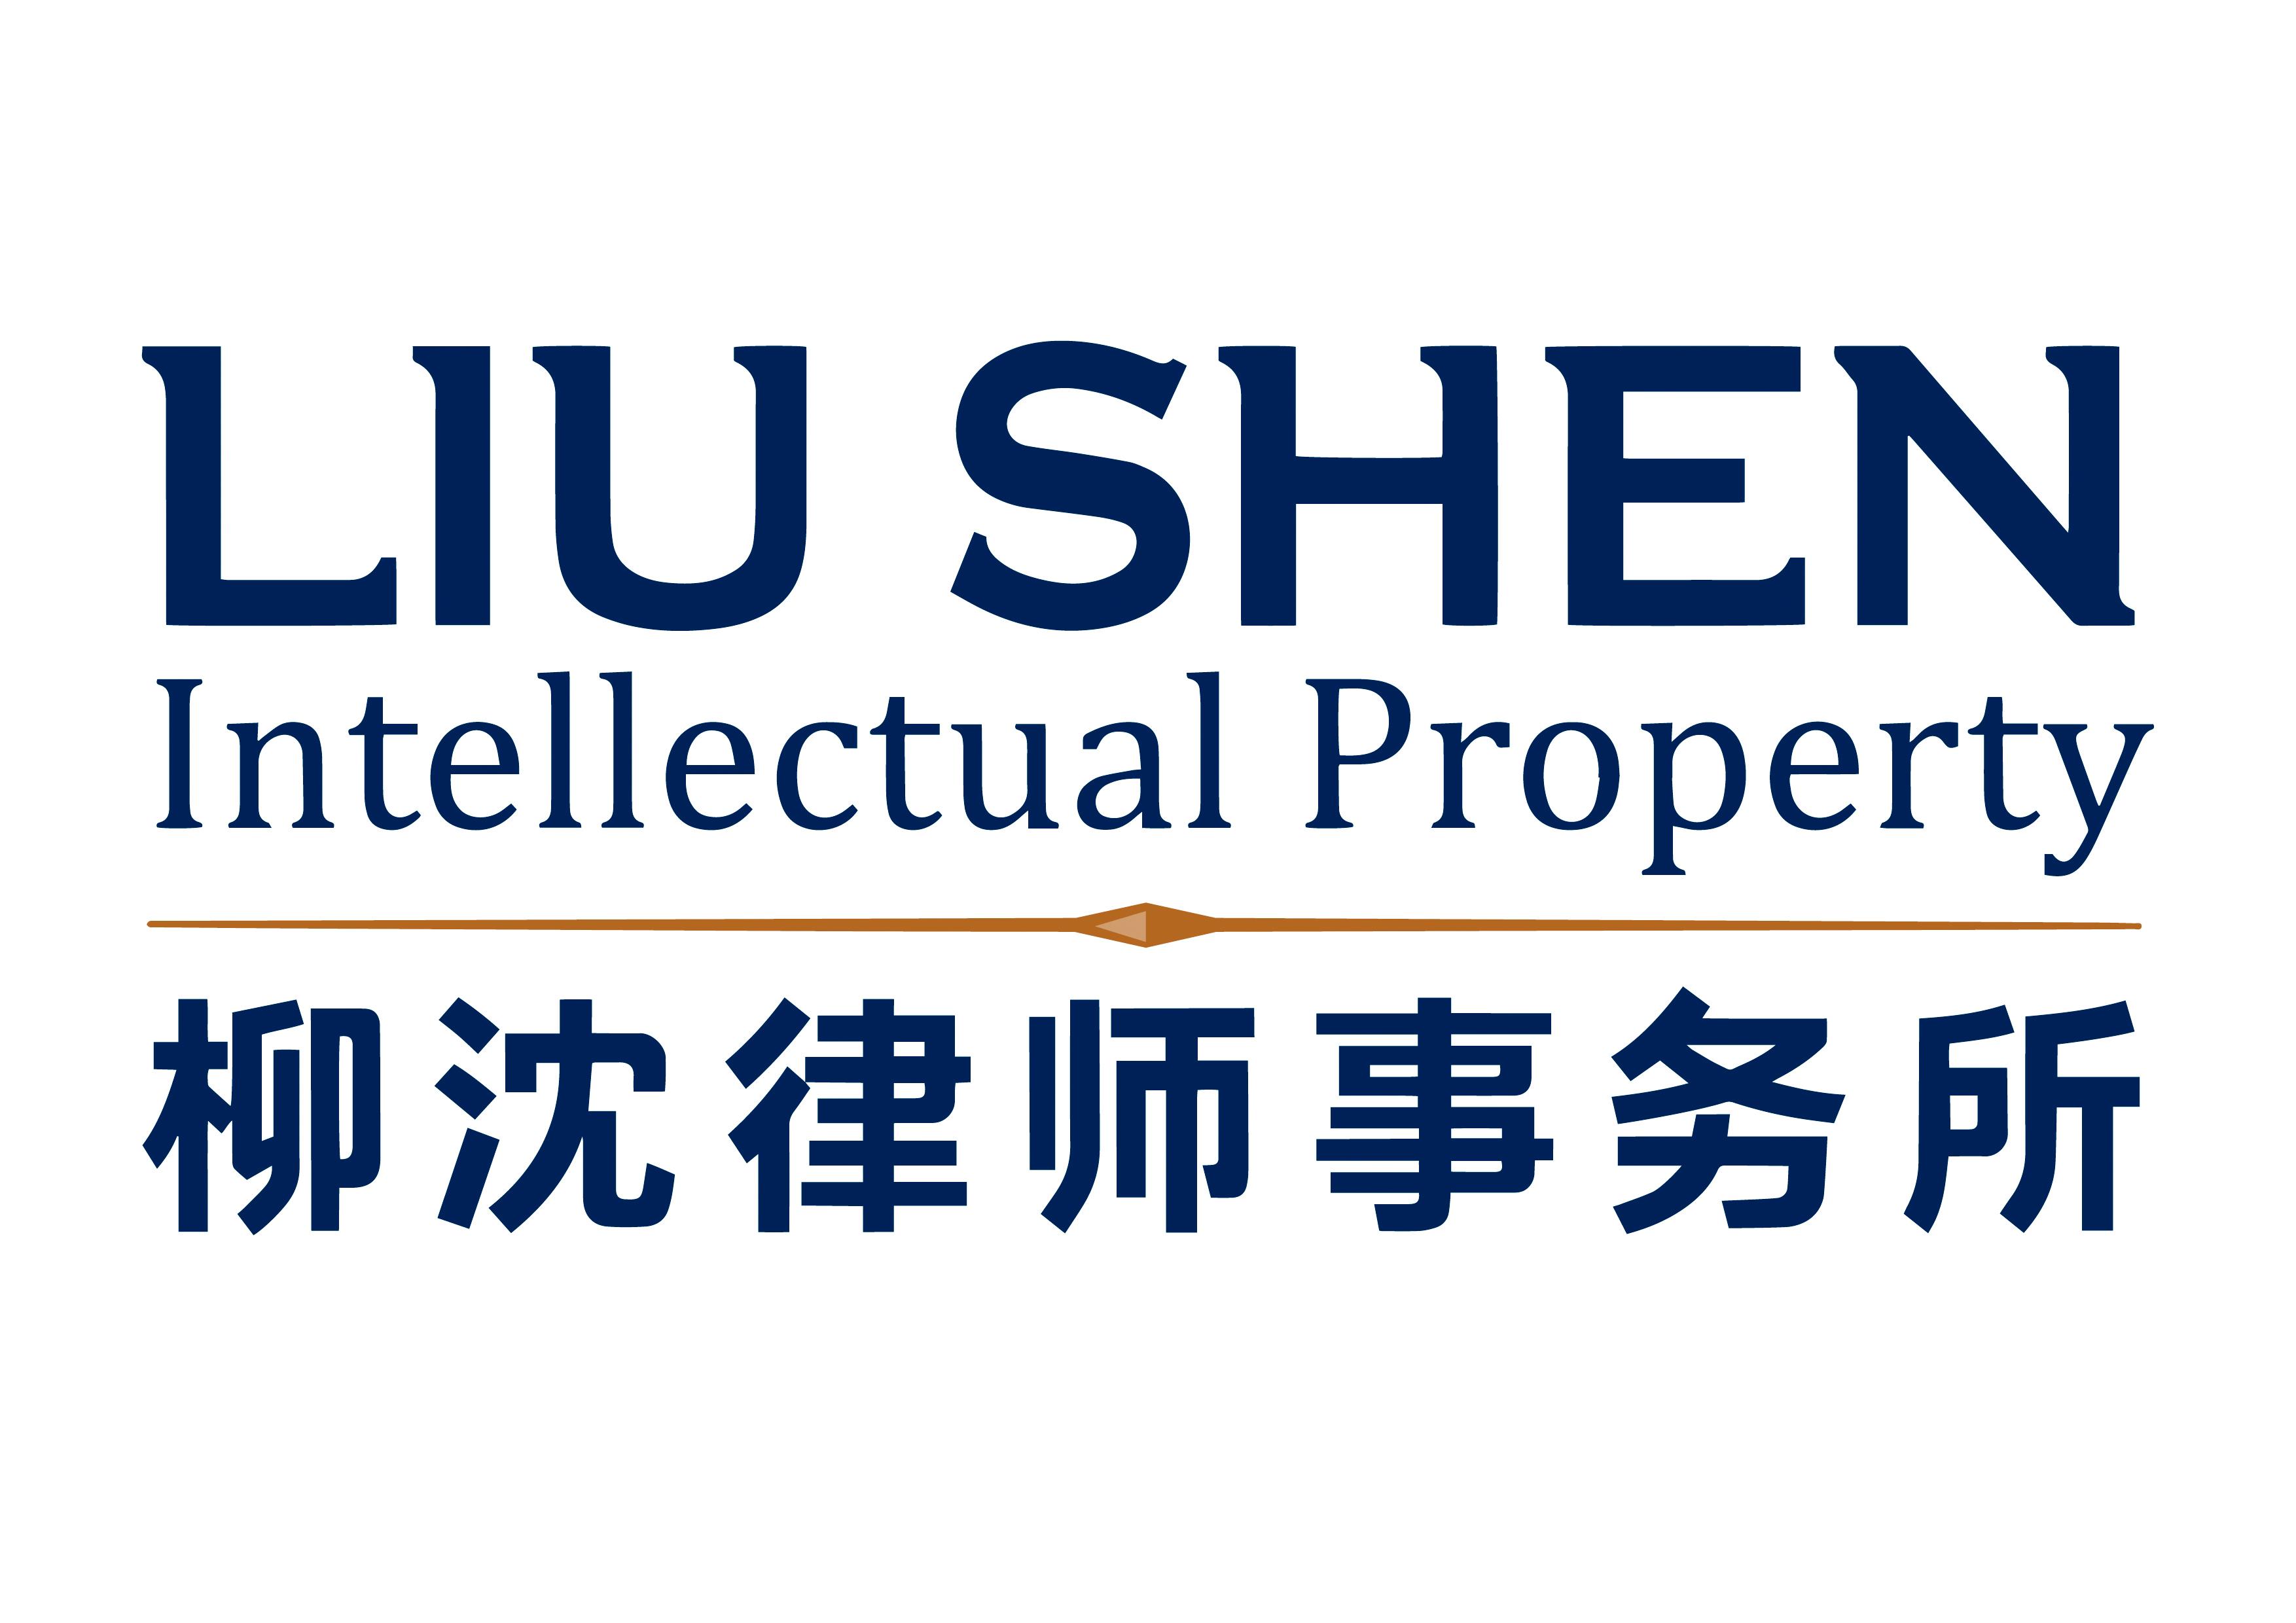 Liu Shen & Associates